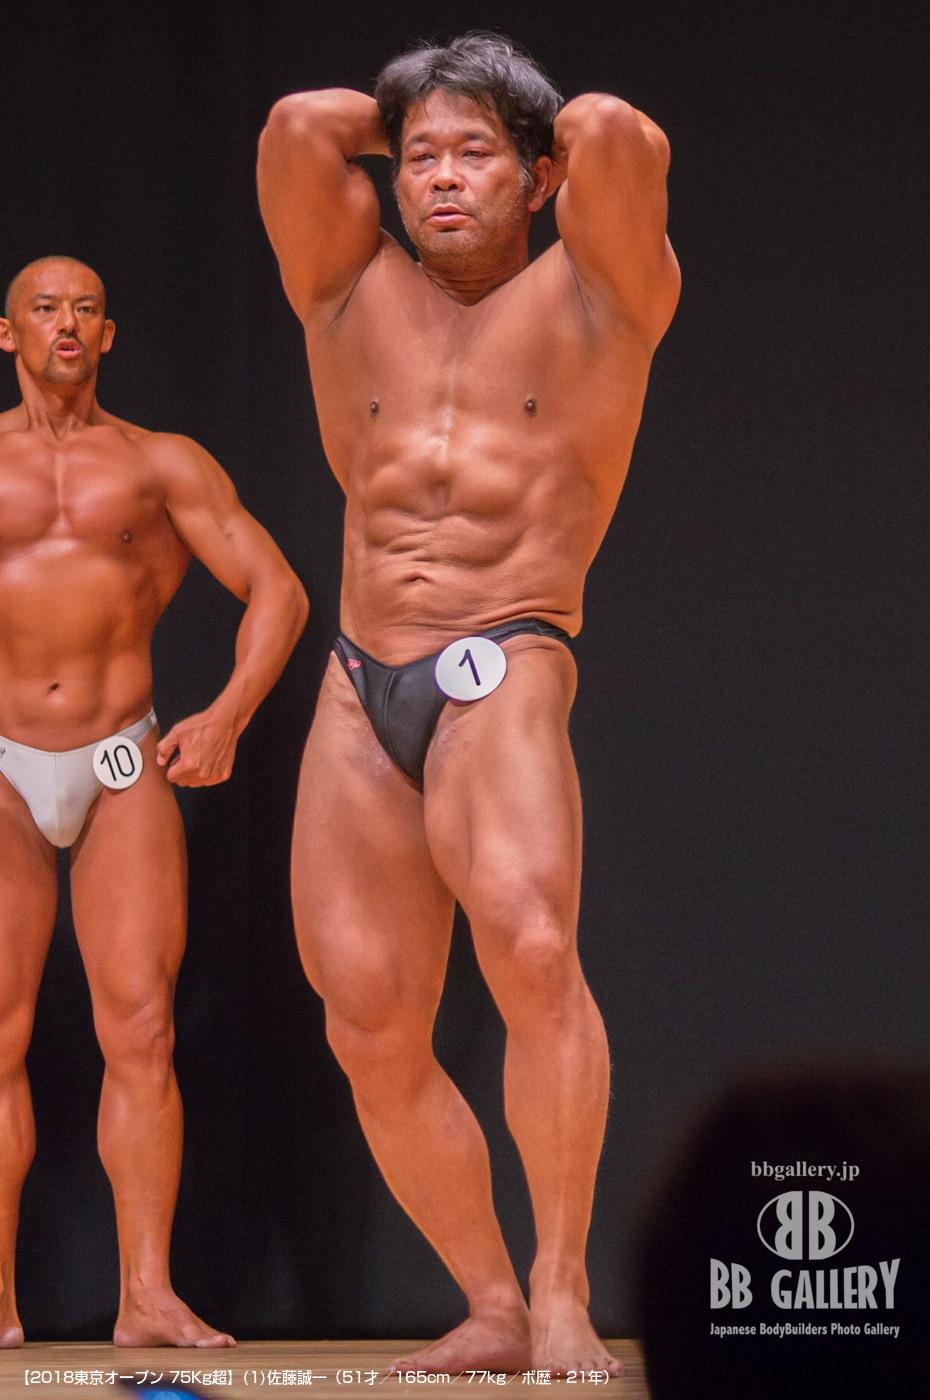 【2018東京オープン 75Kg超】(1)佐藤誠一(51才/165cm/77kg/ボ歴:21年)